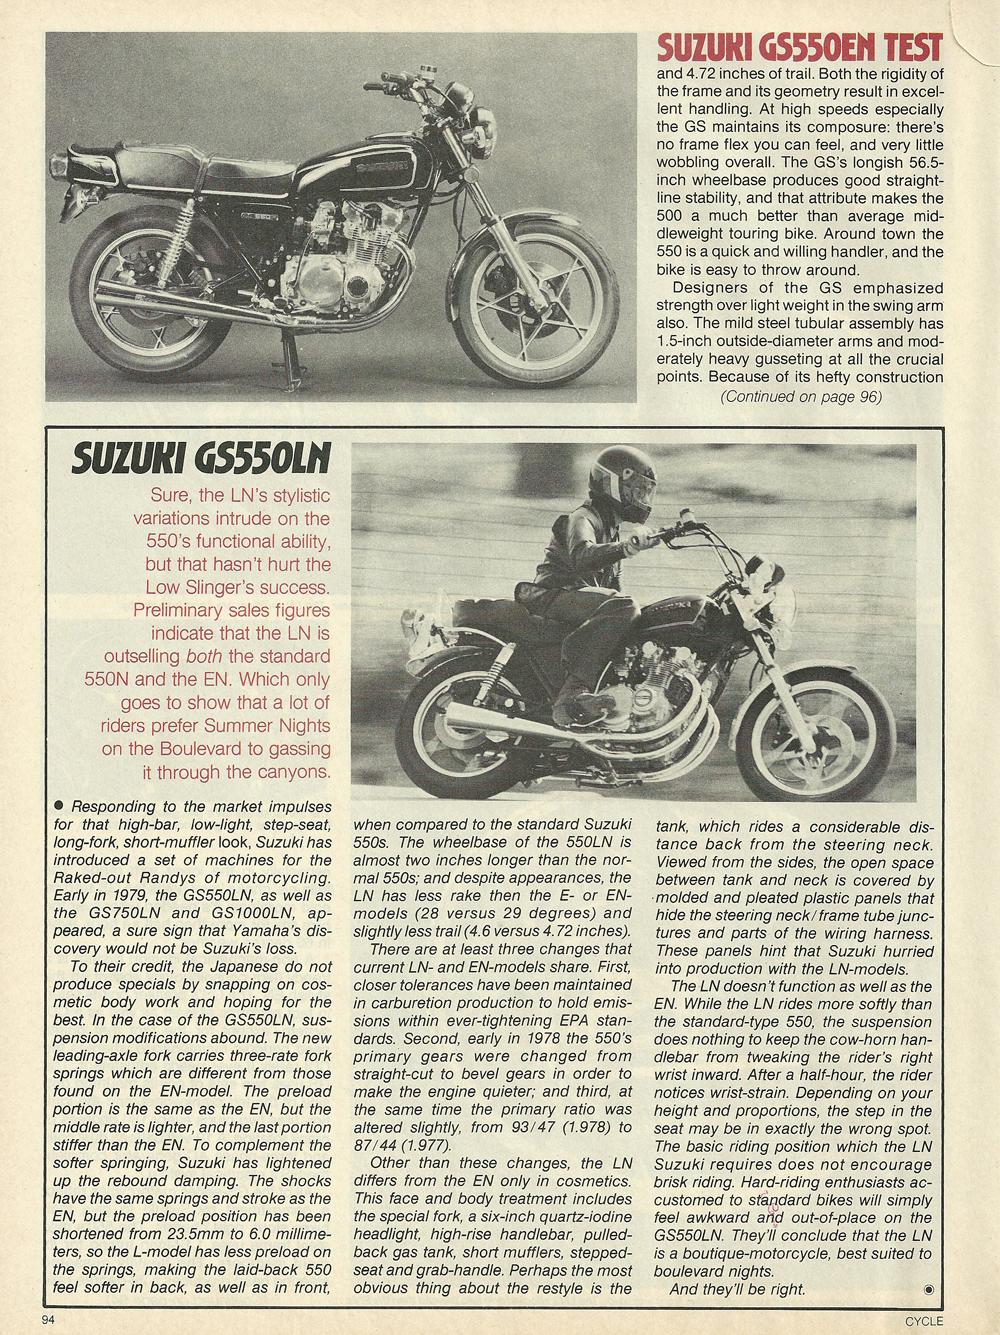 1979 Suzuki GS550EN road test 6.jpg